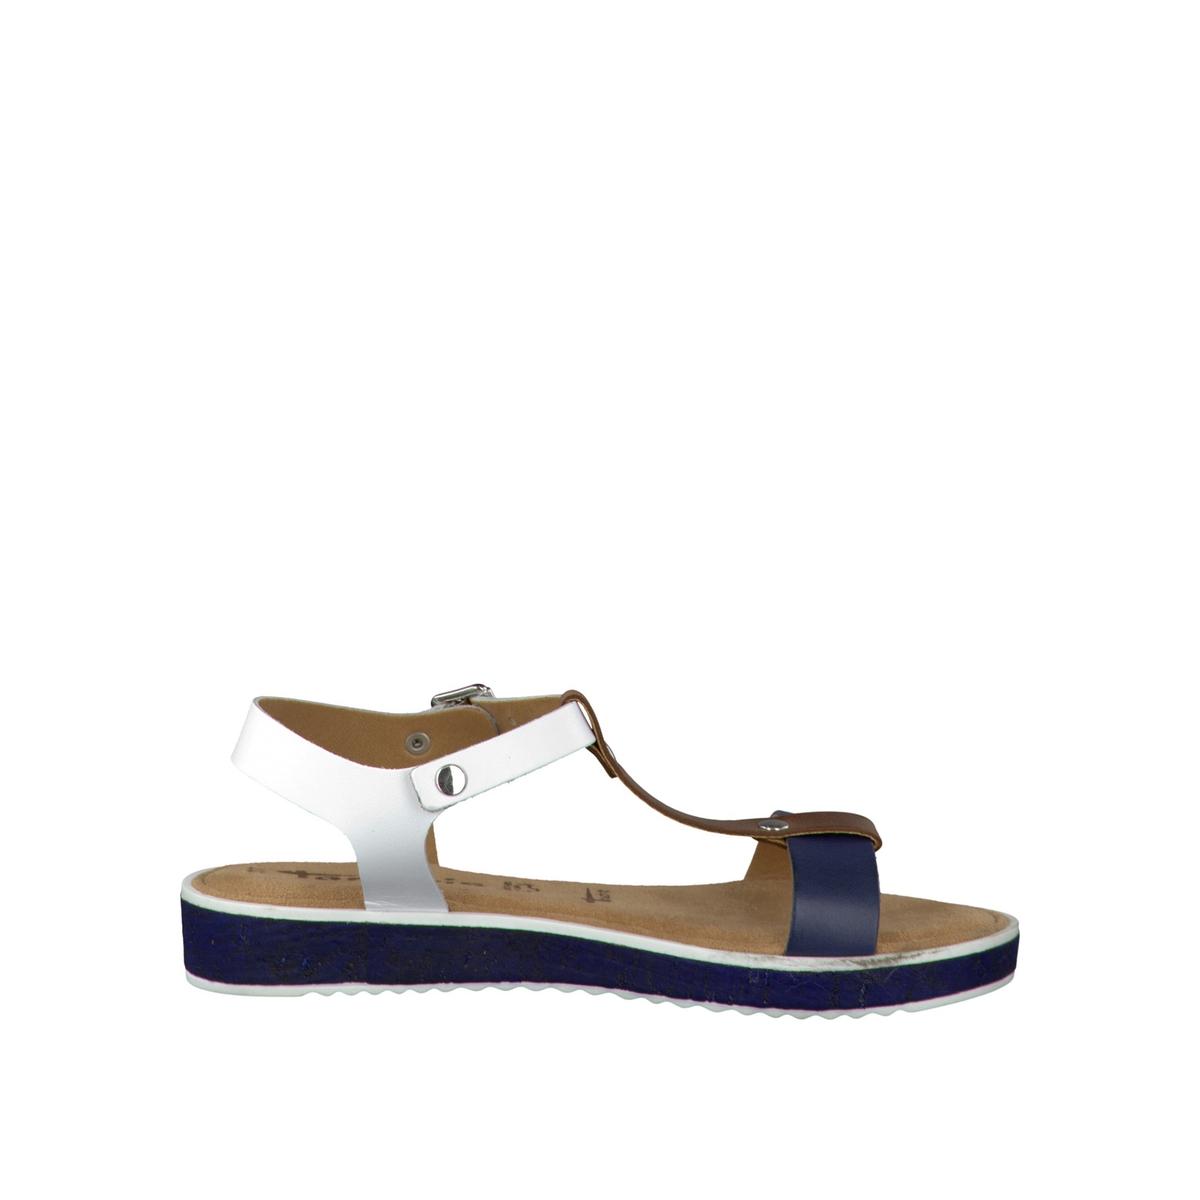 Босоножки кожаные 28120-28Верх/Голенище : кожа    Подкладка : синтетика    Стелька : текстиль    Подошва : синтетика    Высота каблука : 3 см    Форма каблука : плоский каблук    Мысок : закругленный мысок    Застежка : пряжка<br><br>Цвет: каштановый,синий морской